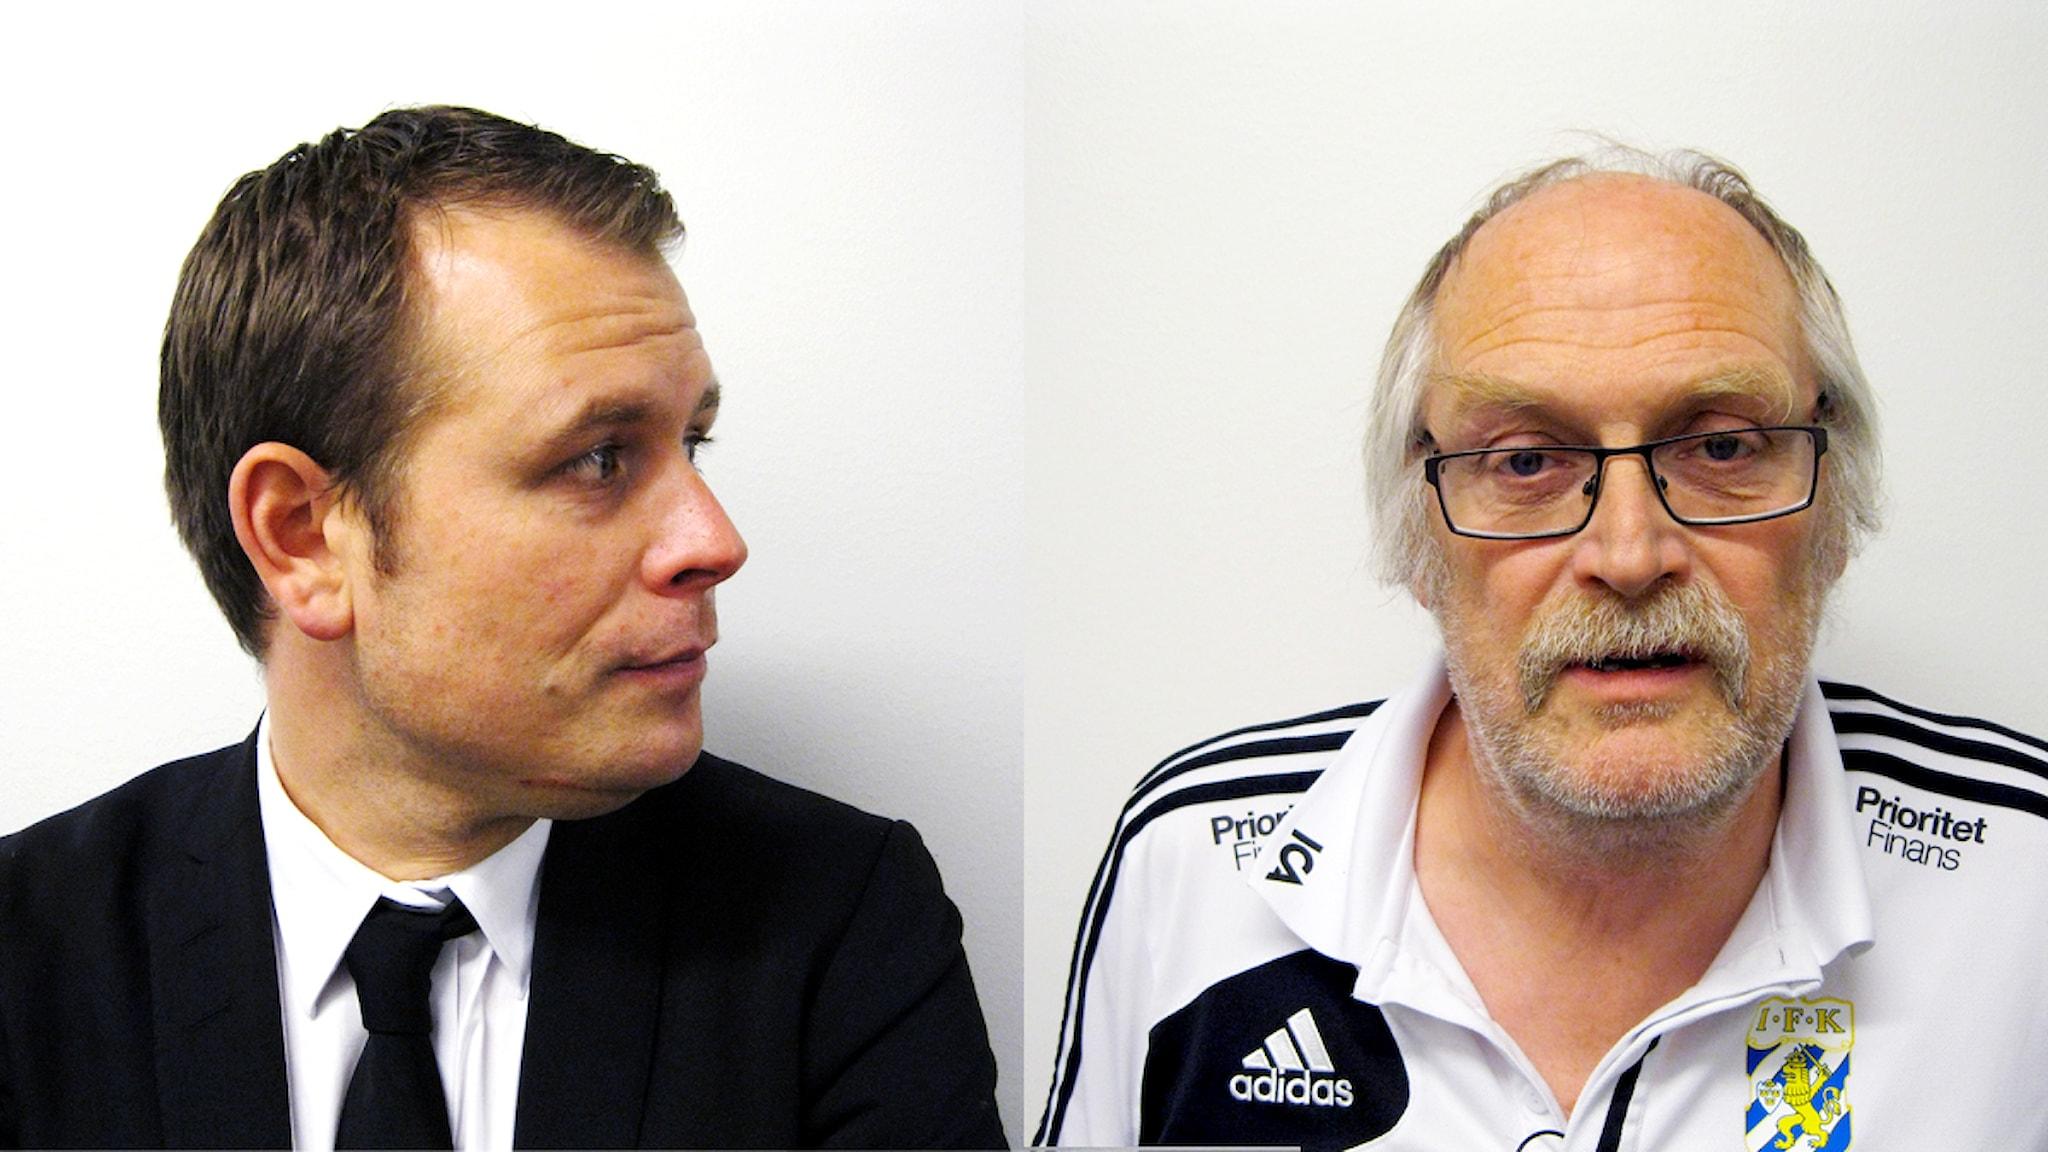 Mikael Stahre och Bertil Lundqvist.  Montage: Anders Widlund.